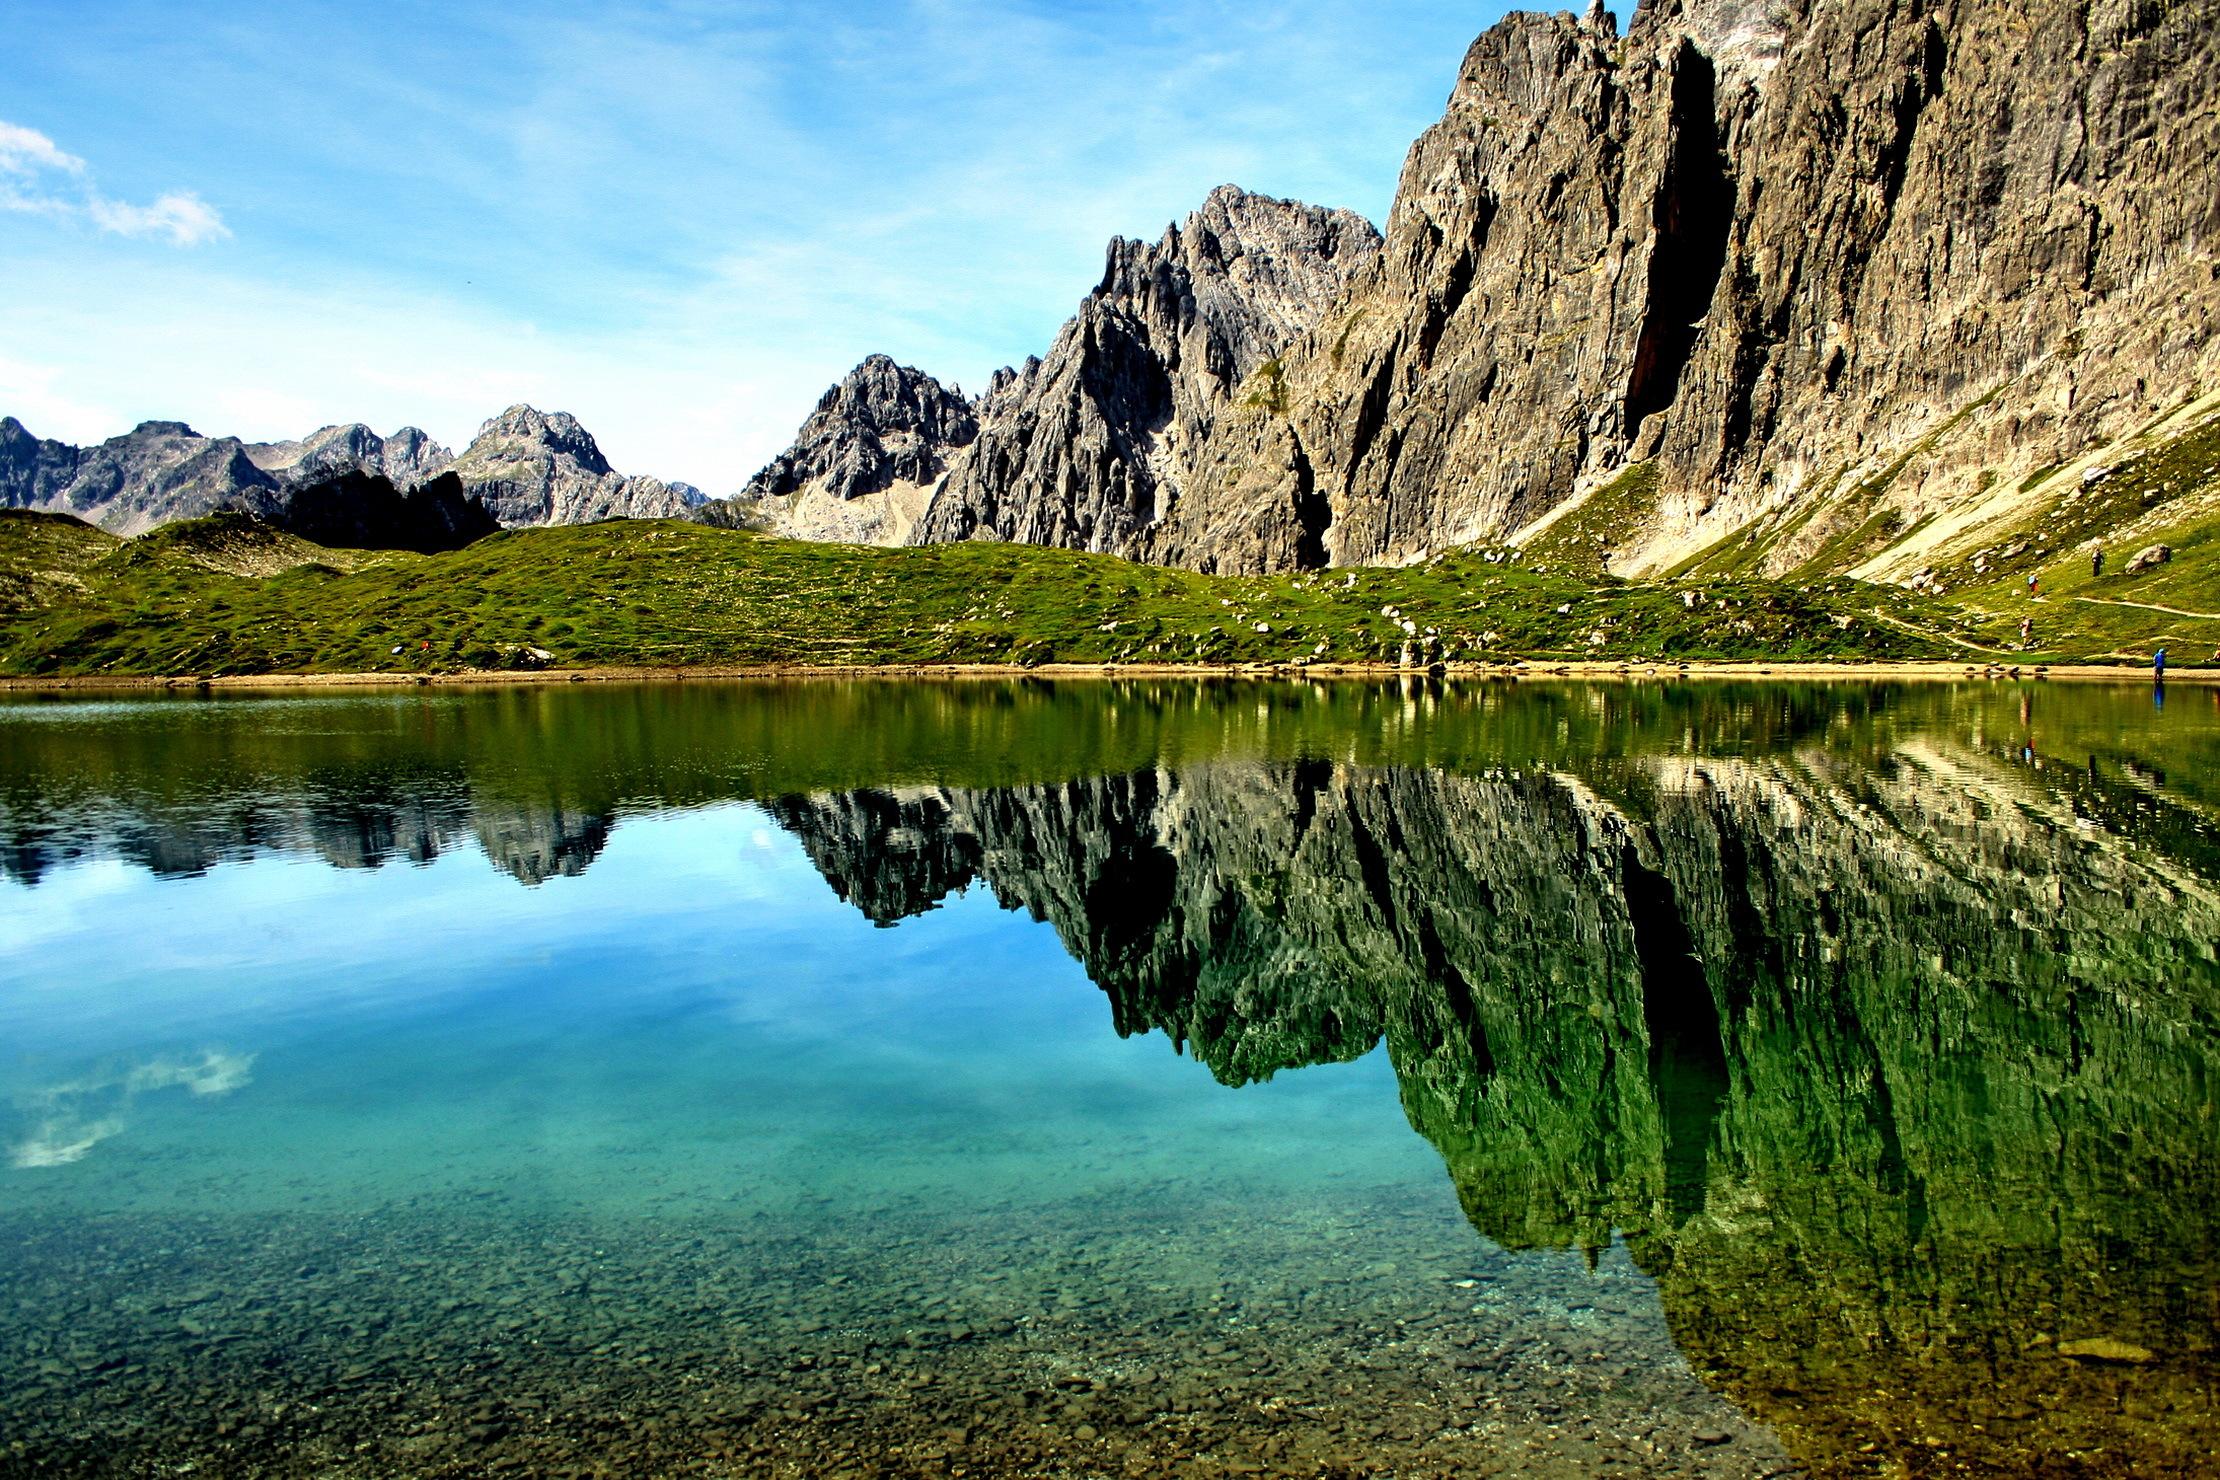 137933 Hintergrundbild 320x480 kostenlos auf deinem Handy, lade Bilder Felsen, Natur, Mountains, Die Steine, See, Reflexion 320x480 auf dein Handy herunter